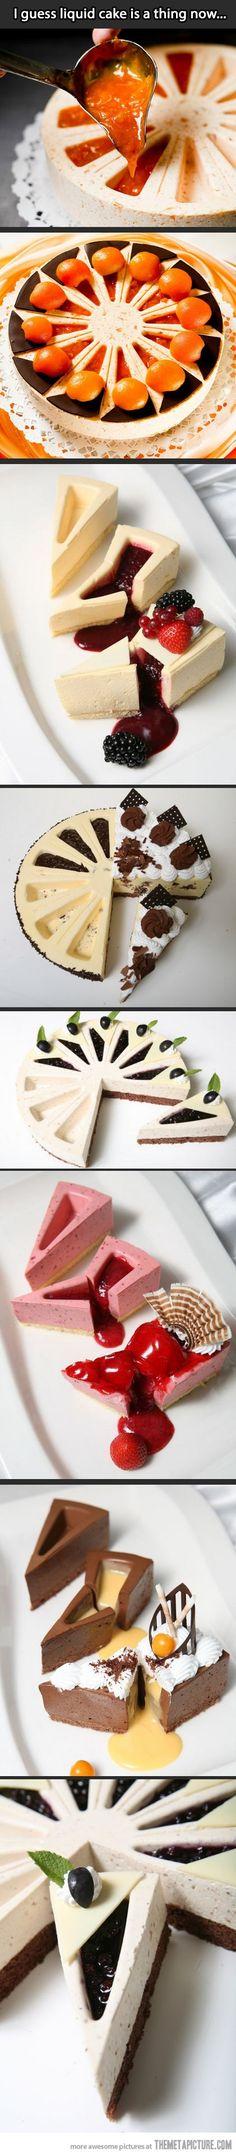 Liquid cake